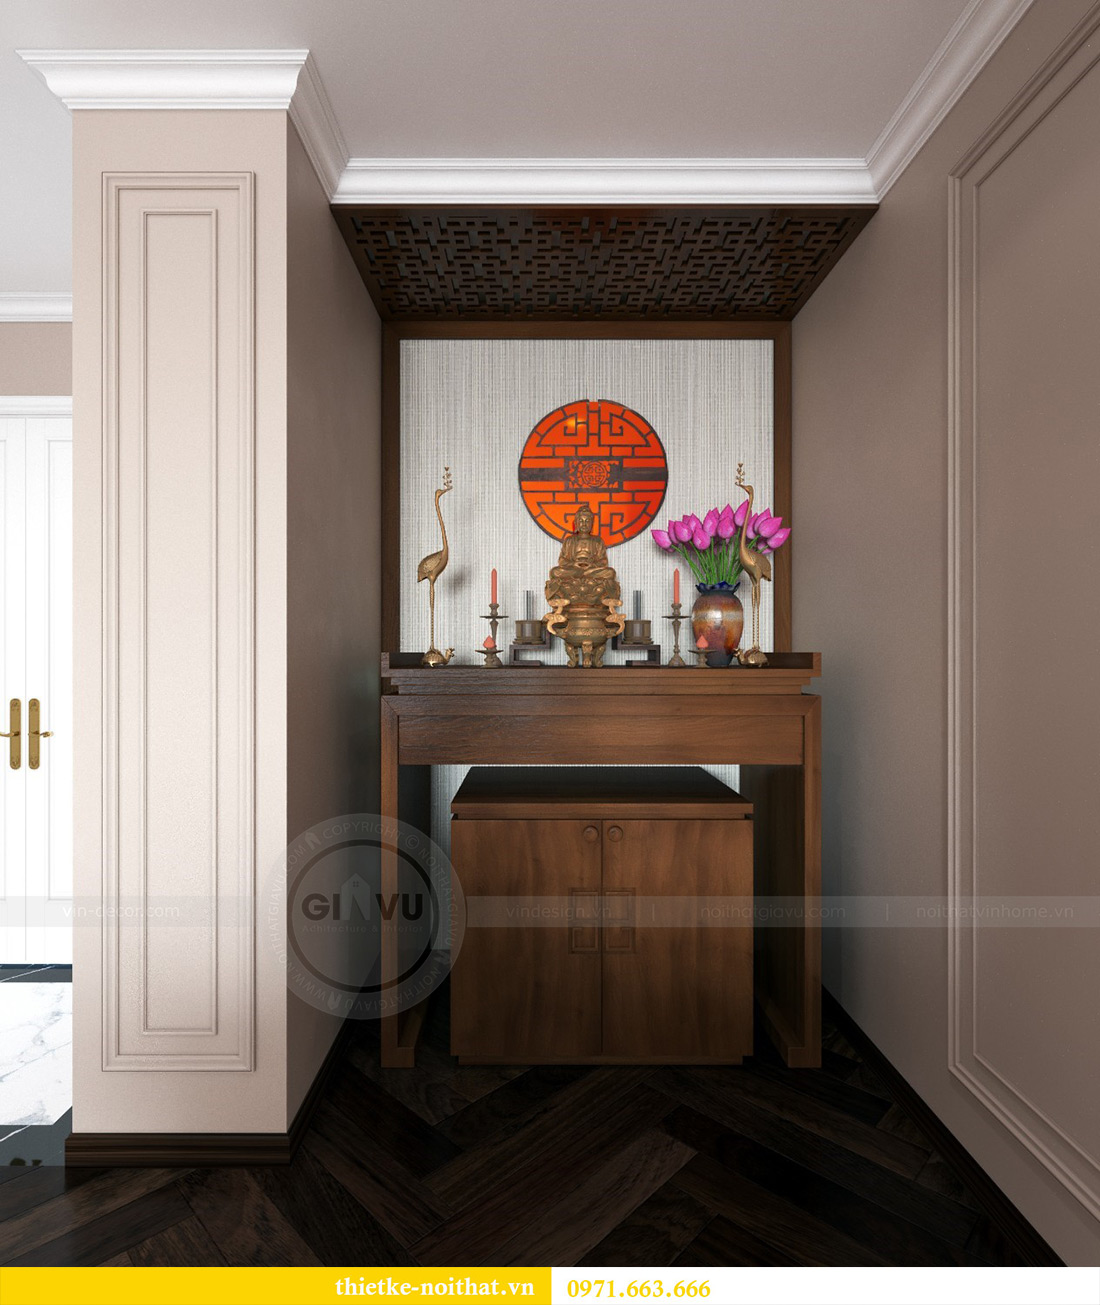 Thiết kế căn hộ chung cư Ancora Lương Yên căn 10 tòa T2 - Anh Chiến 6